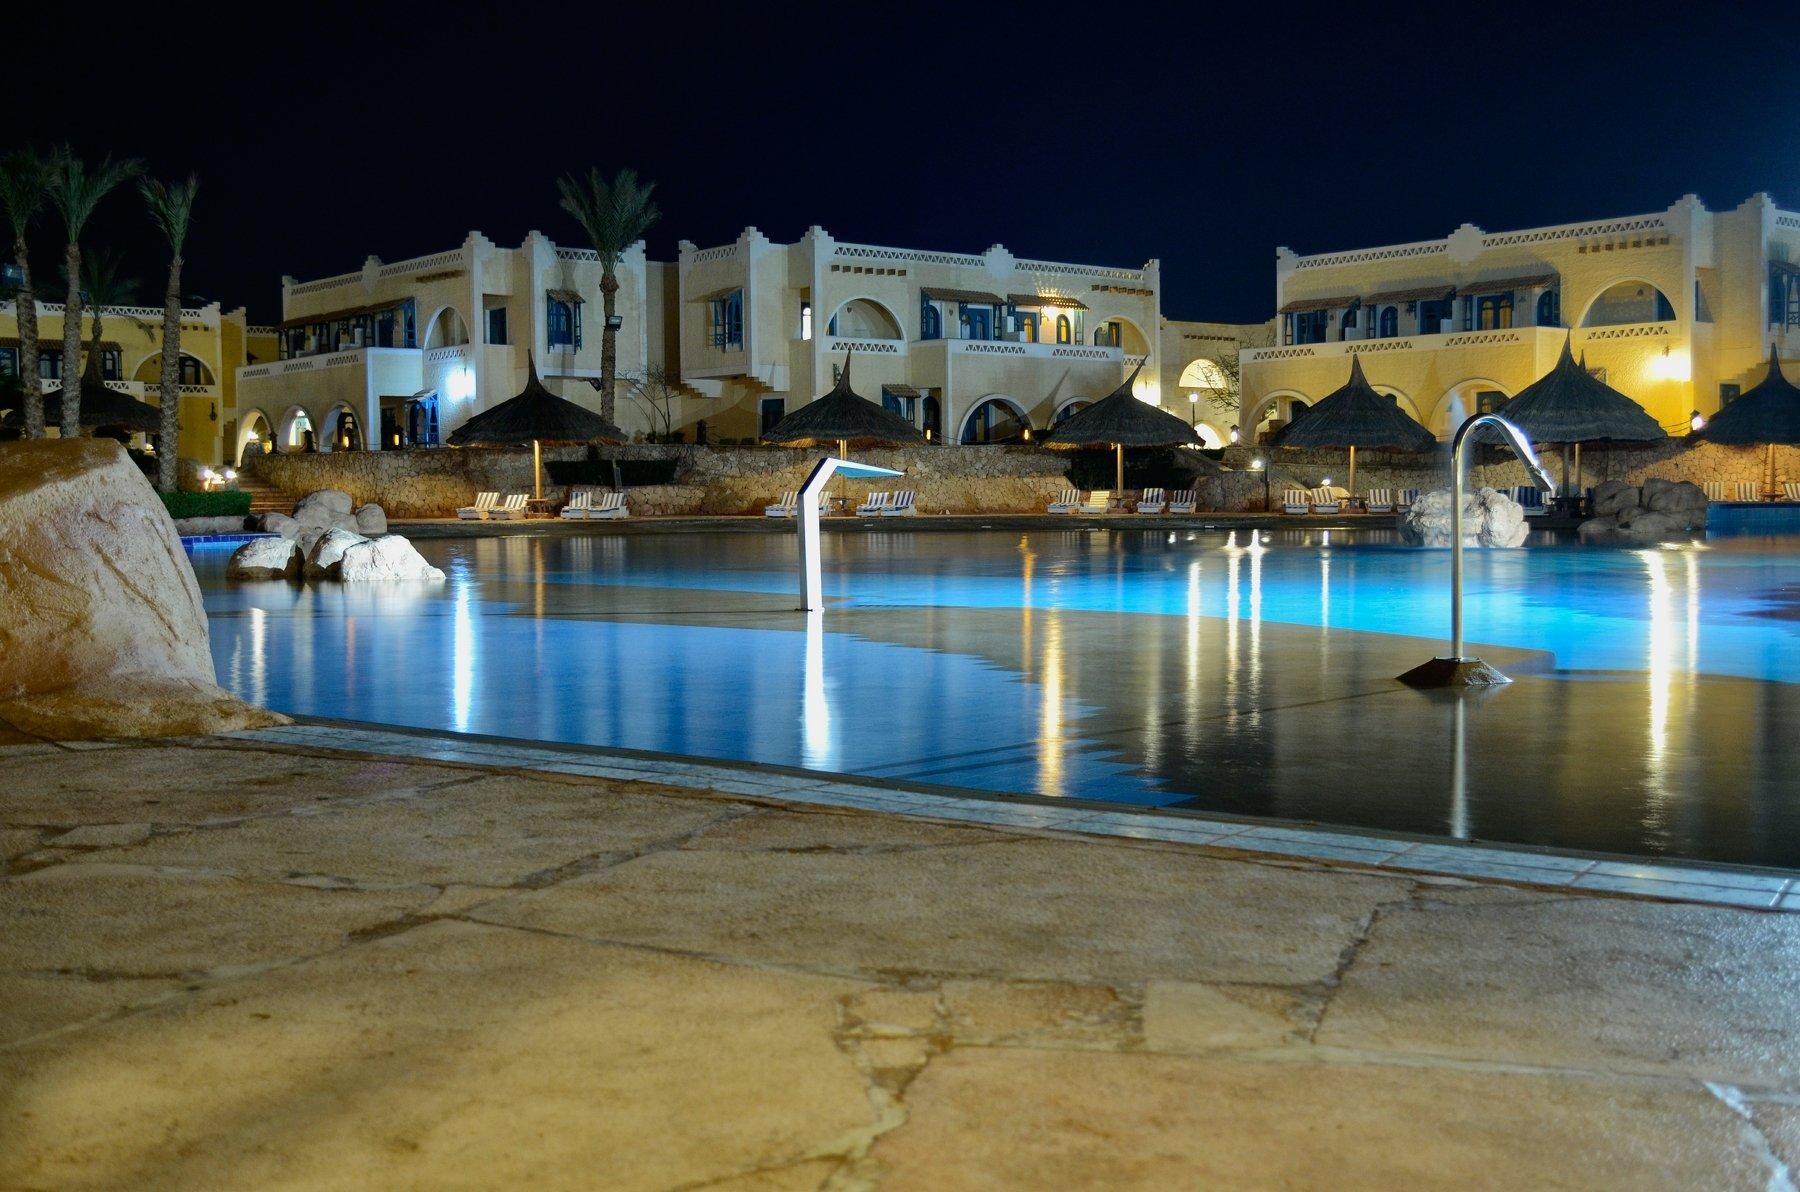 египет,отдых,бассейн,вечер, Татьяна